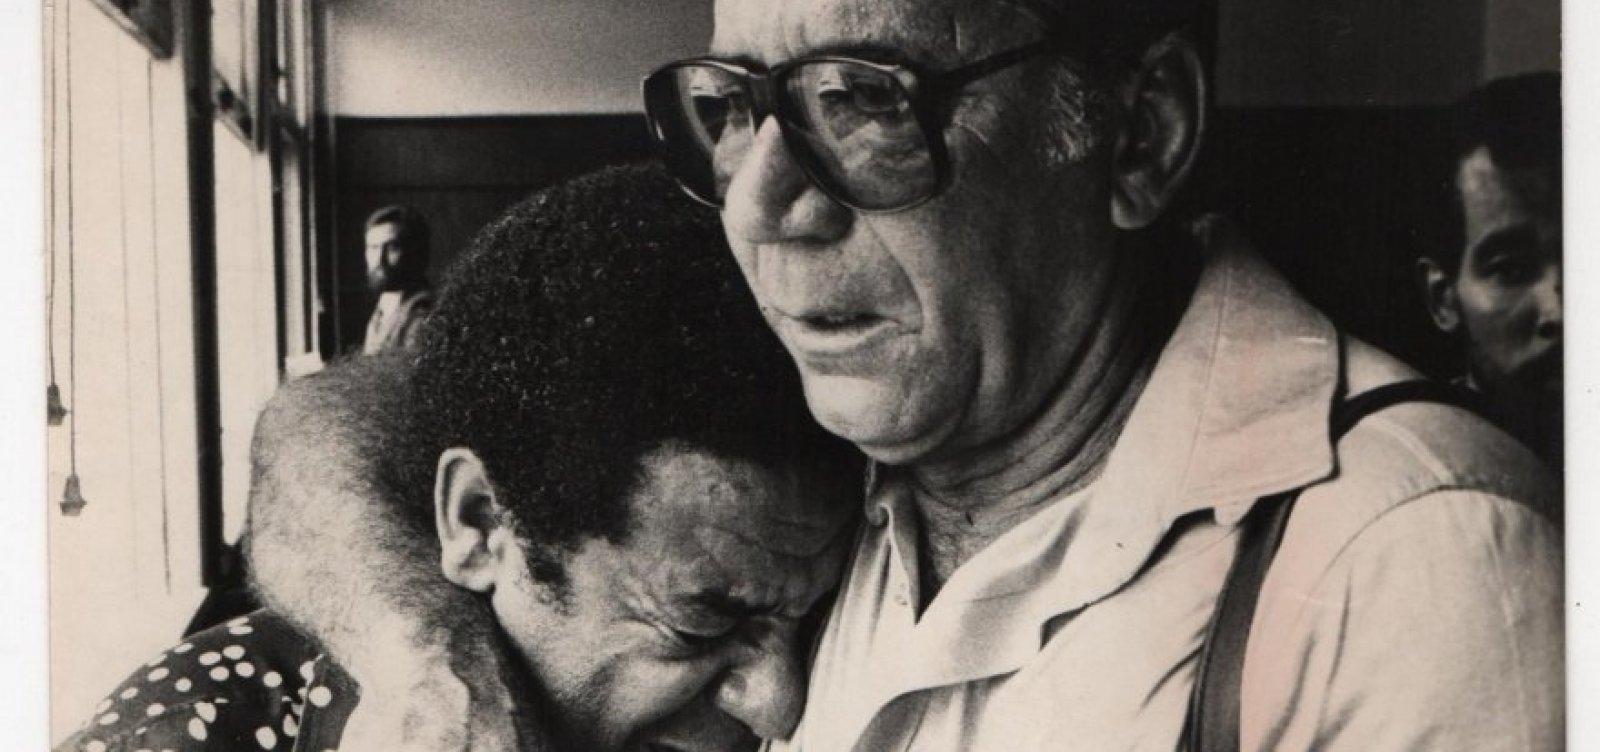 Botafoguense doente, Agnaldo Timóteo pagou o enterro de Garrincha e invadiu campo para reclamar de Cláudio Adão